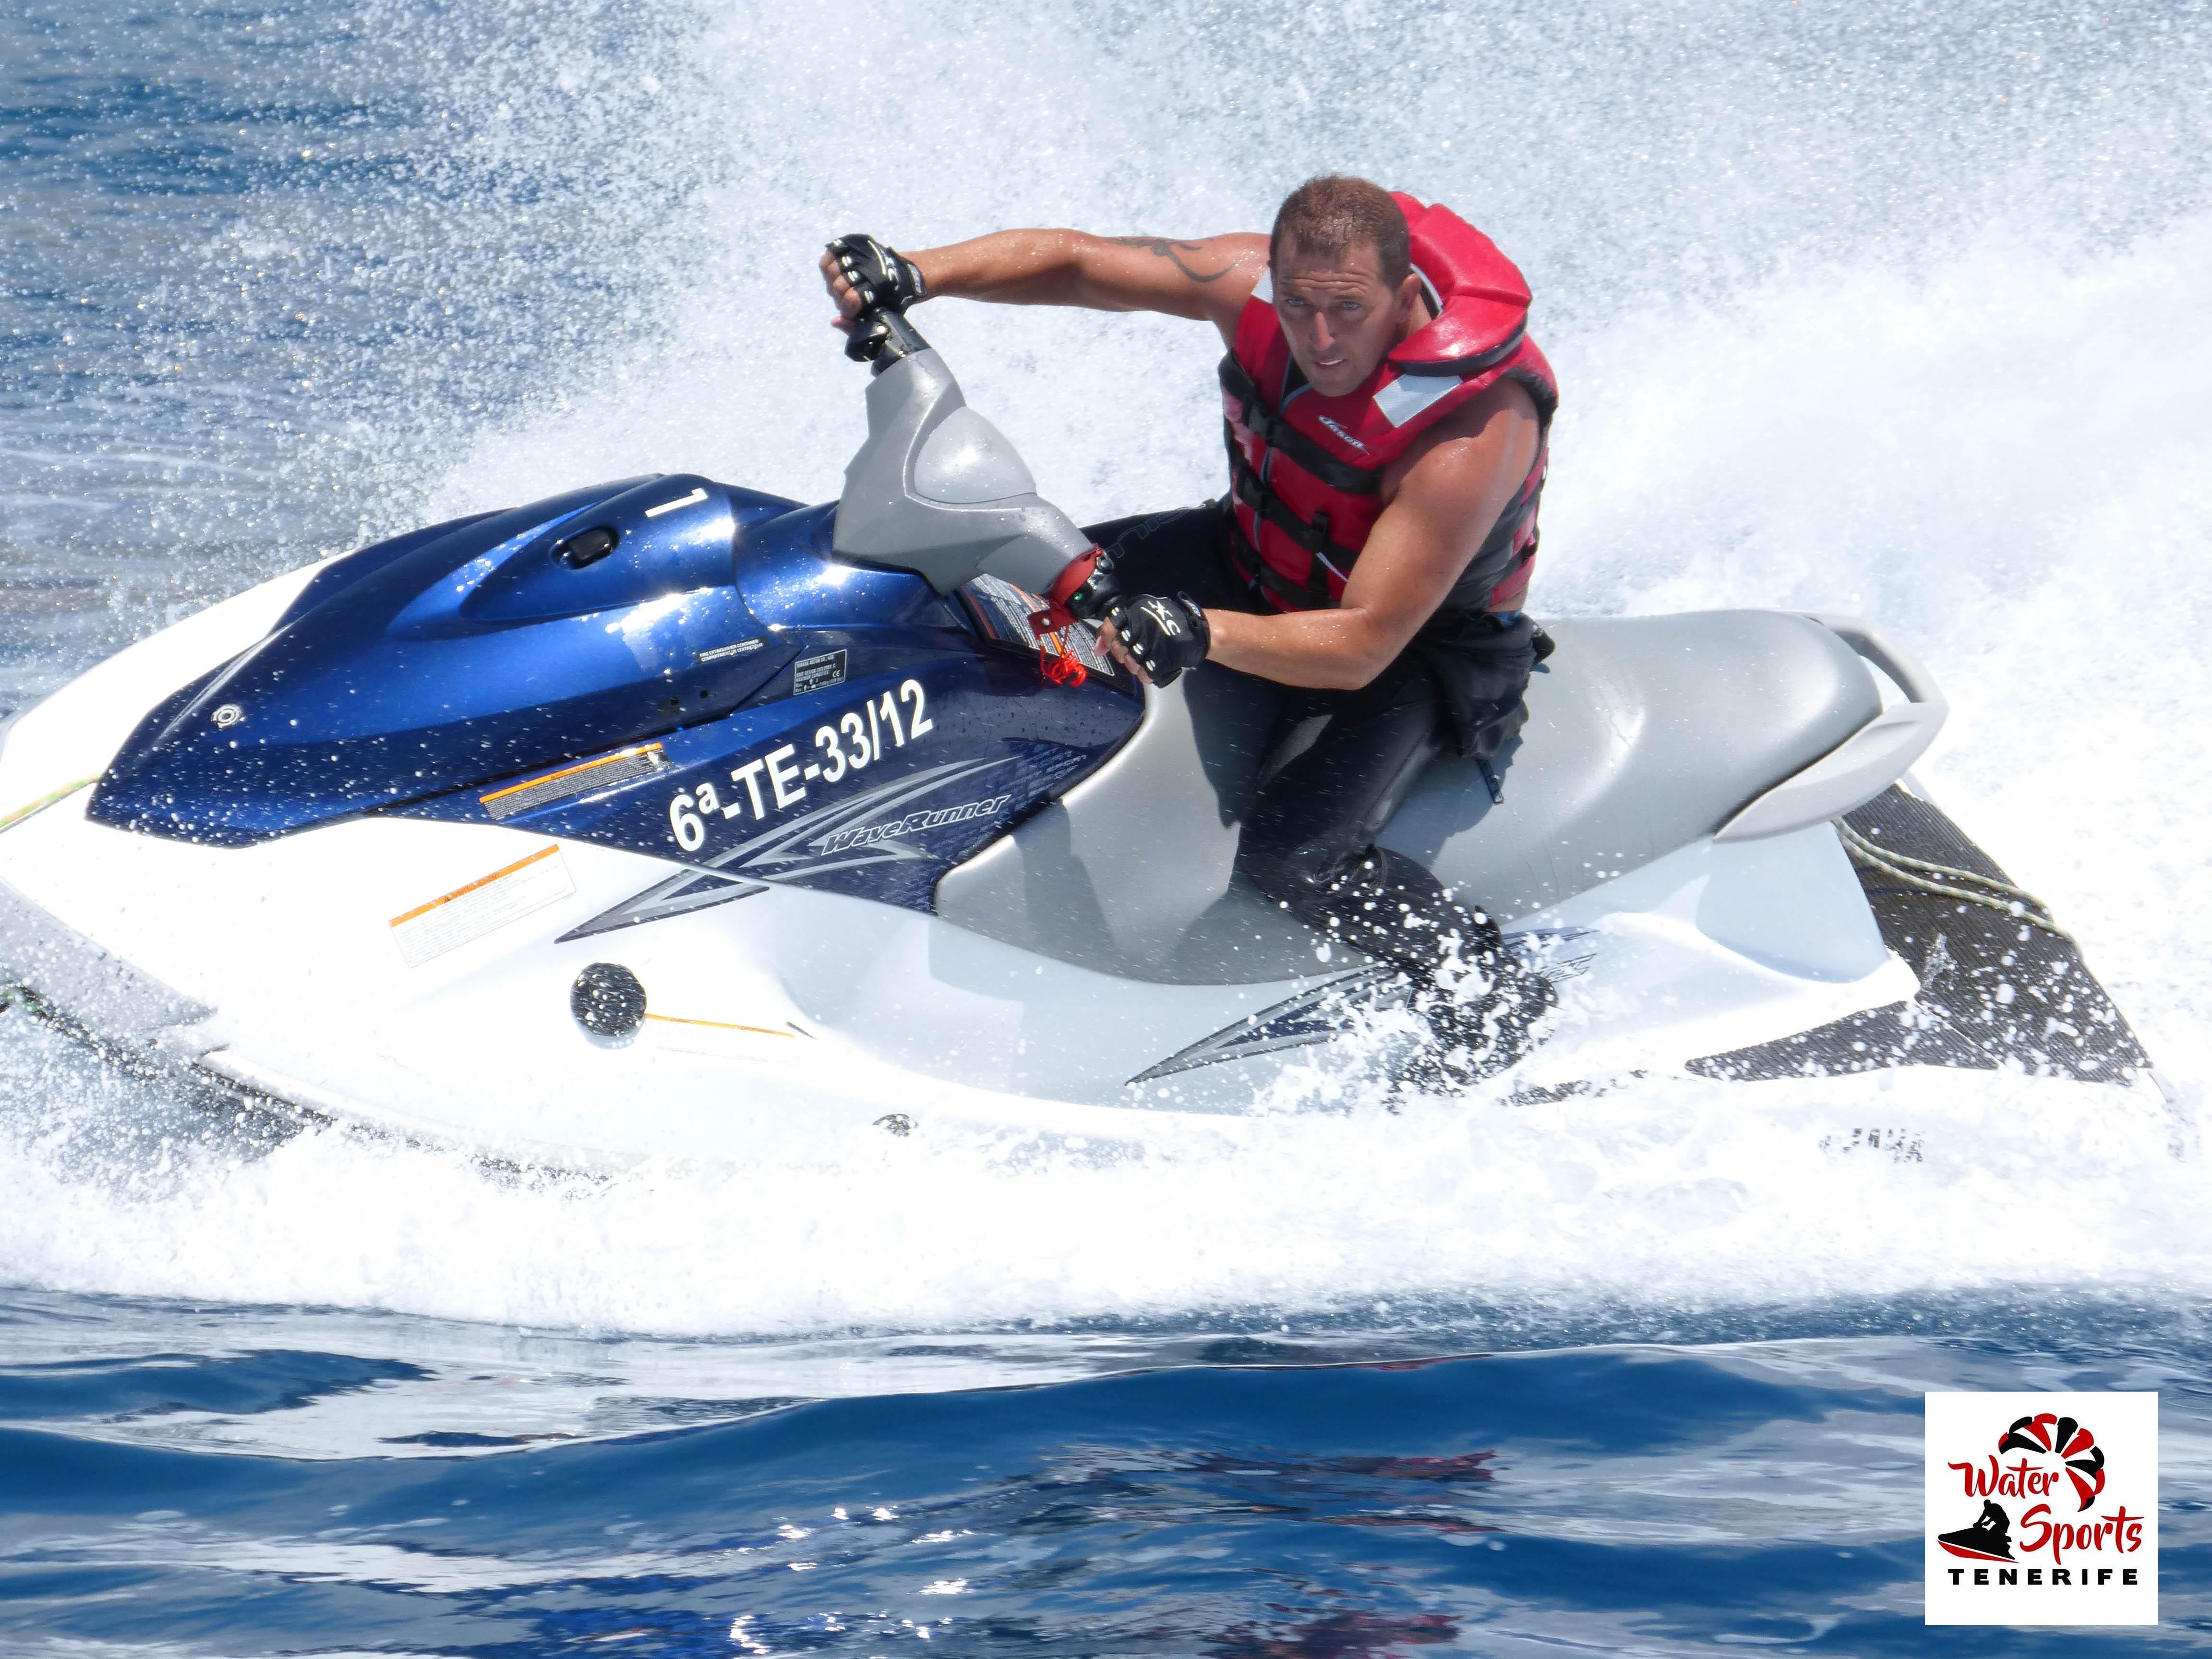 jet ski safari rent jet ski en tenerife sur los cristianos islas canarias las americas